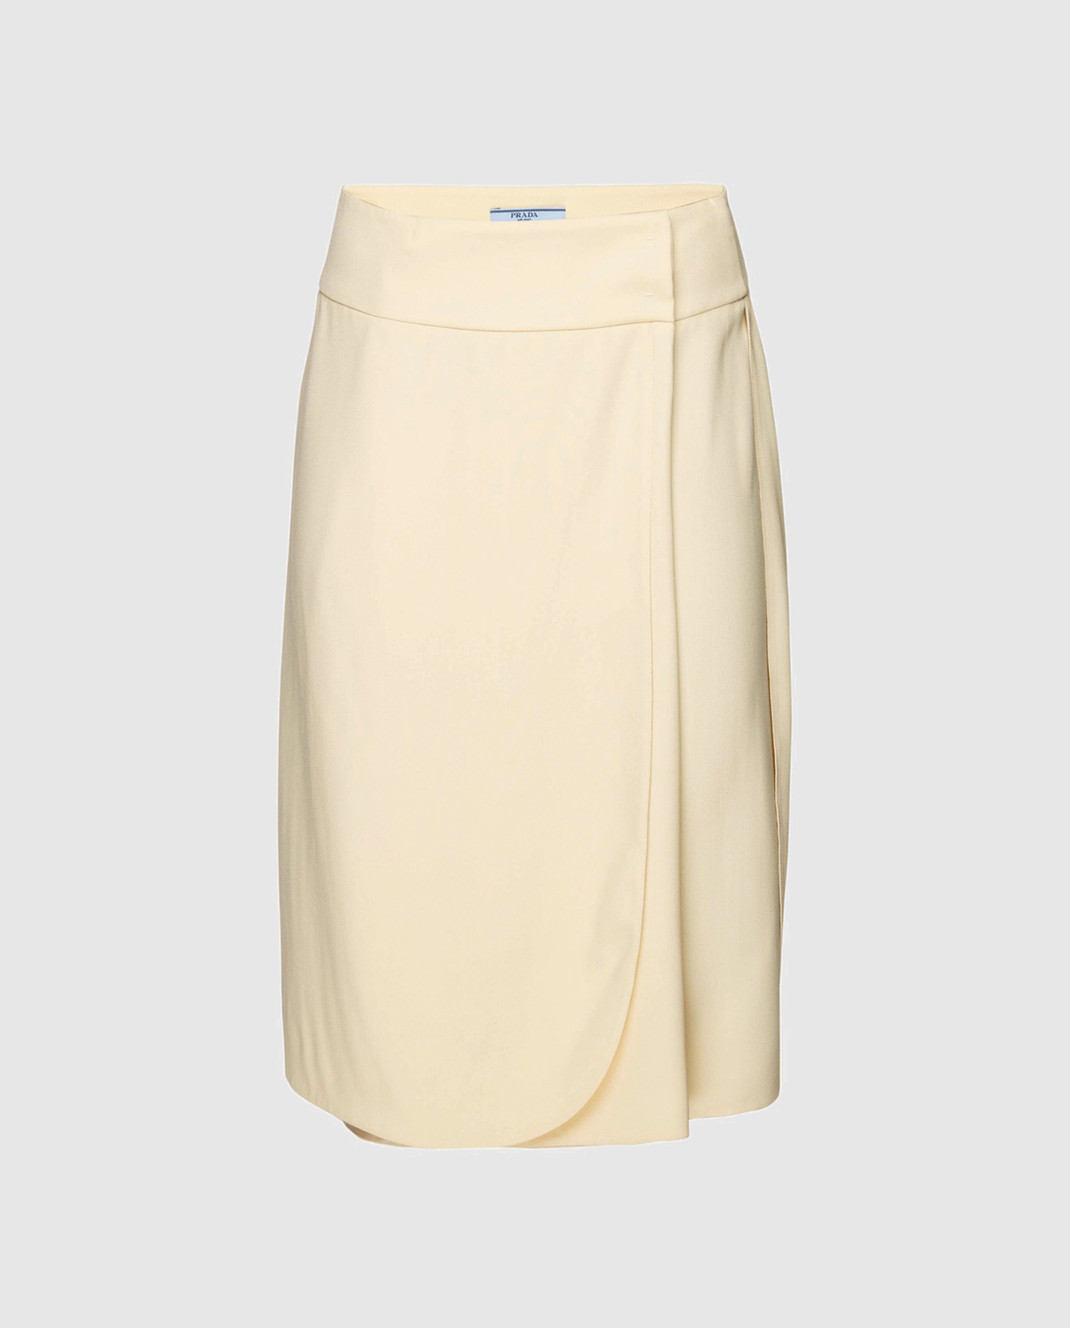 Prada Желтая юбка на запах изображение 1